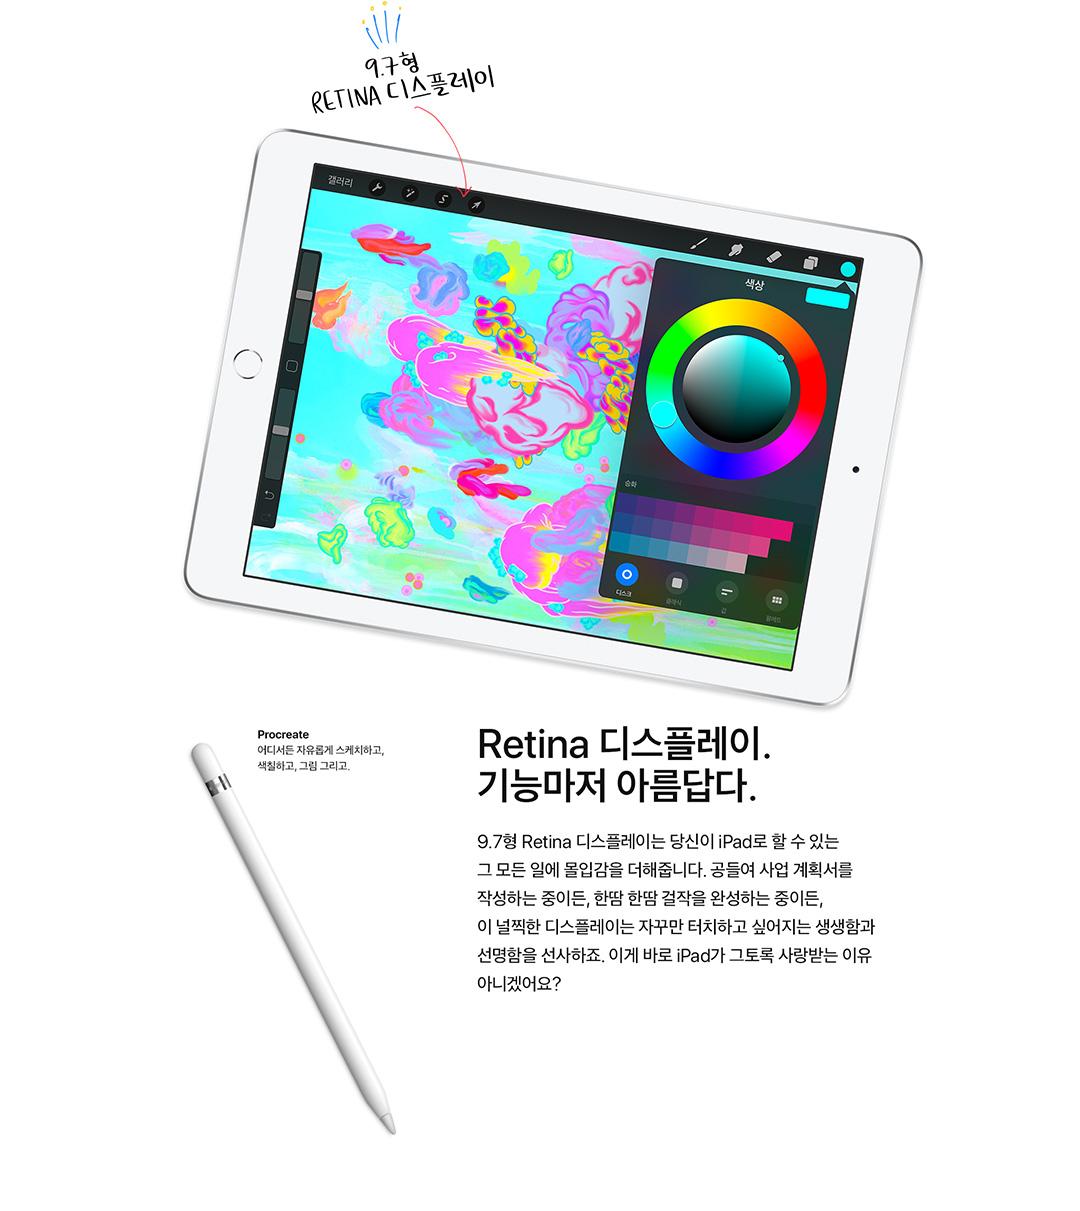 Retina 디스플레이. 기능마저 아름답다. 9.7형 Retina 디스플레이는 당신이 iPad로 할 수 있는 그 모든 일에 몰입감을 더해줍니다. 공들여 사업 계획서를 작성하는 중이든, 한땀 한땀 걸작을 완성하는 중이든, 이 널찍한 디스플레이는 자꾸만 터치하고 싶어지는 생생함과 선명함을 선사하죠. 이게 바로 iPad가 그토록 사랑받는 이유 아니겠어요?